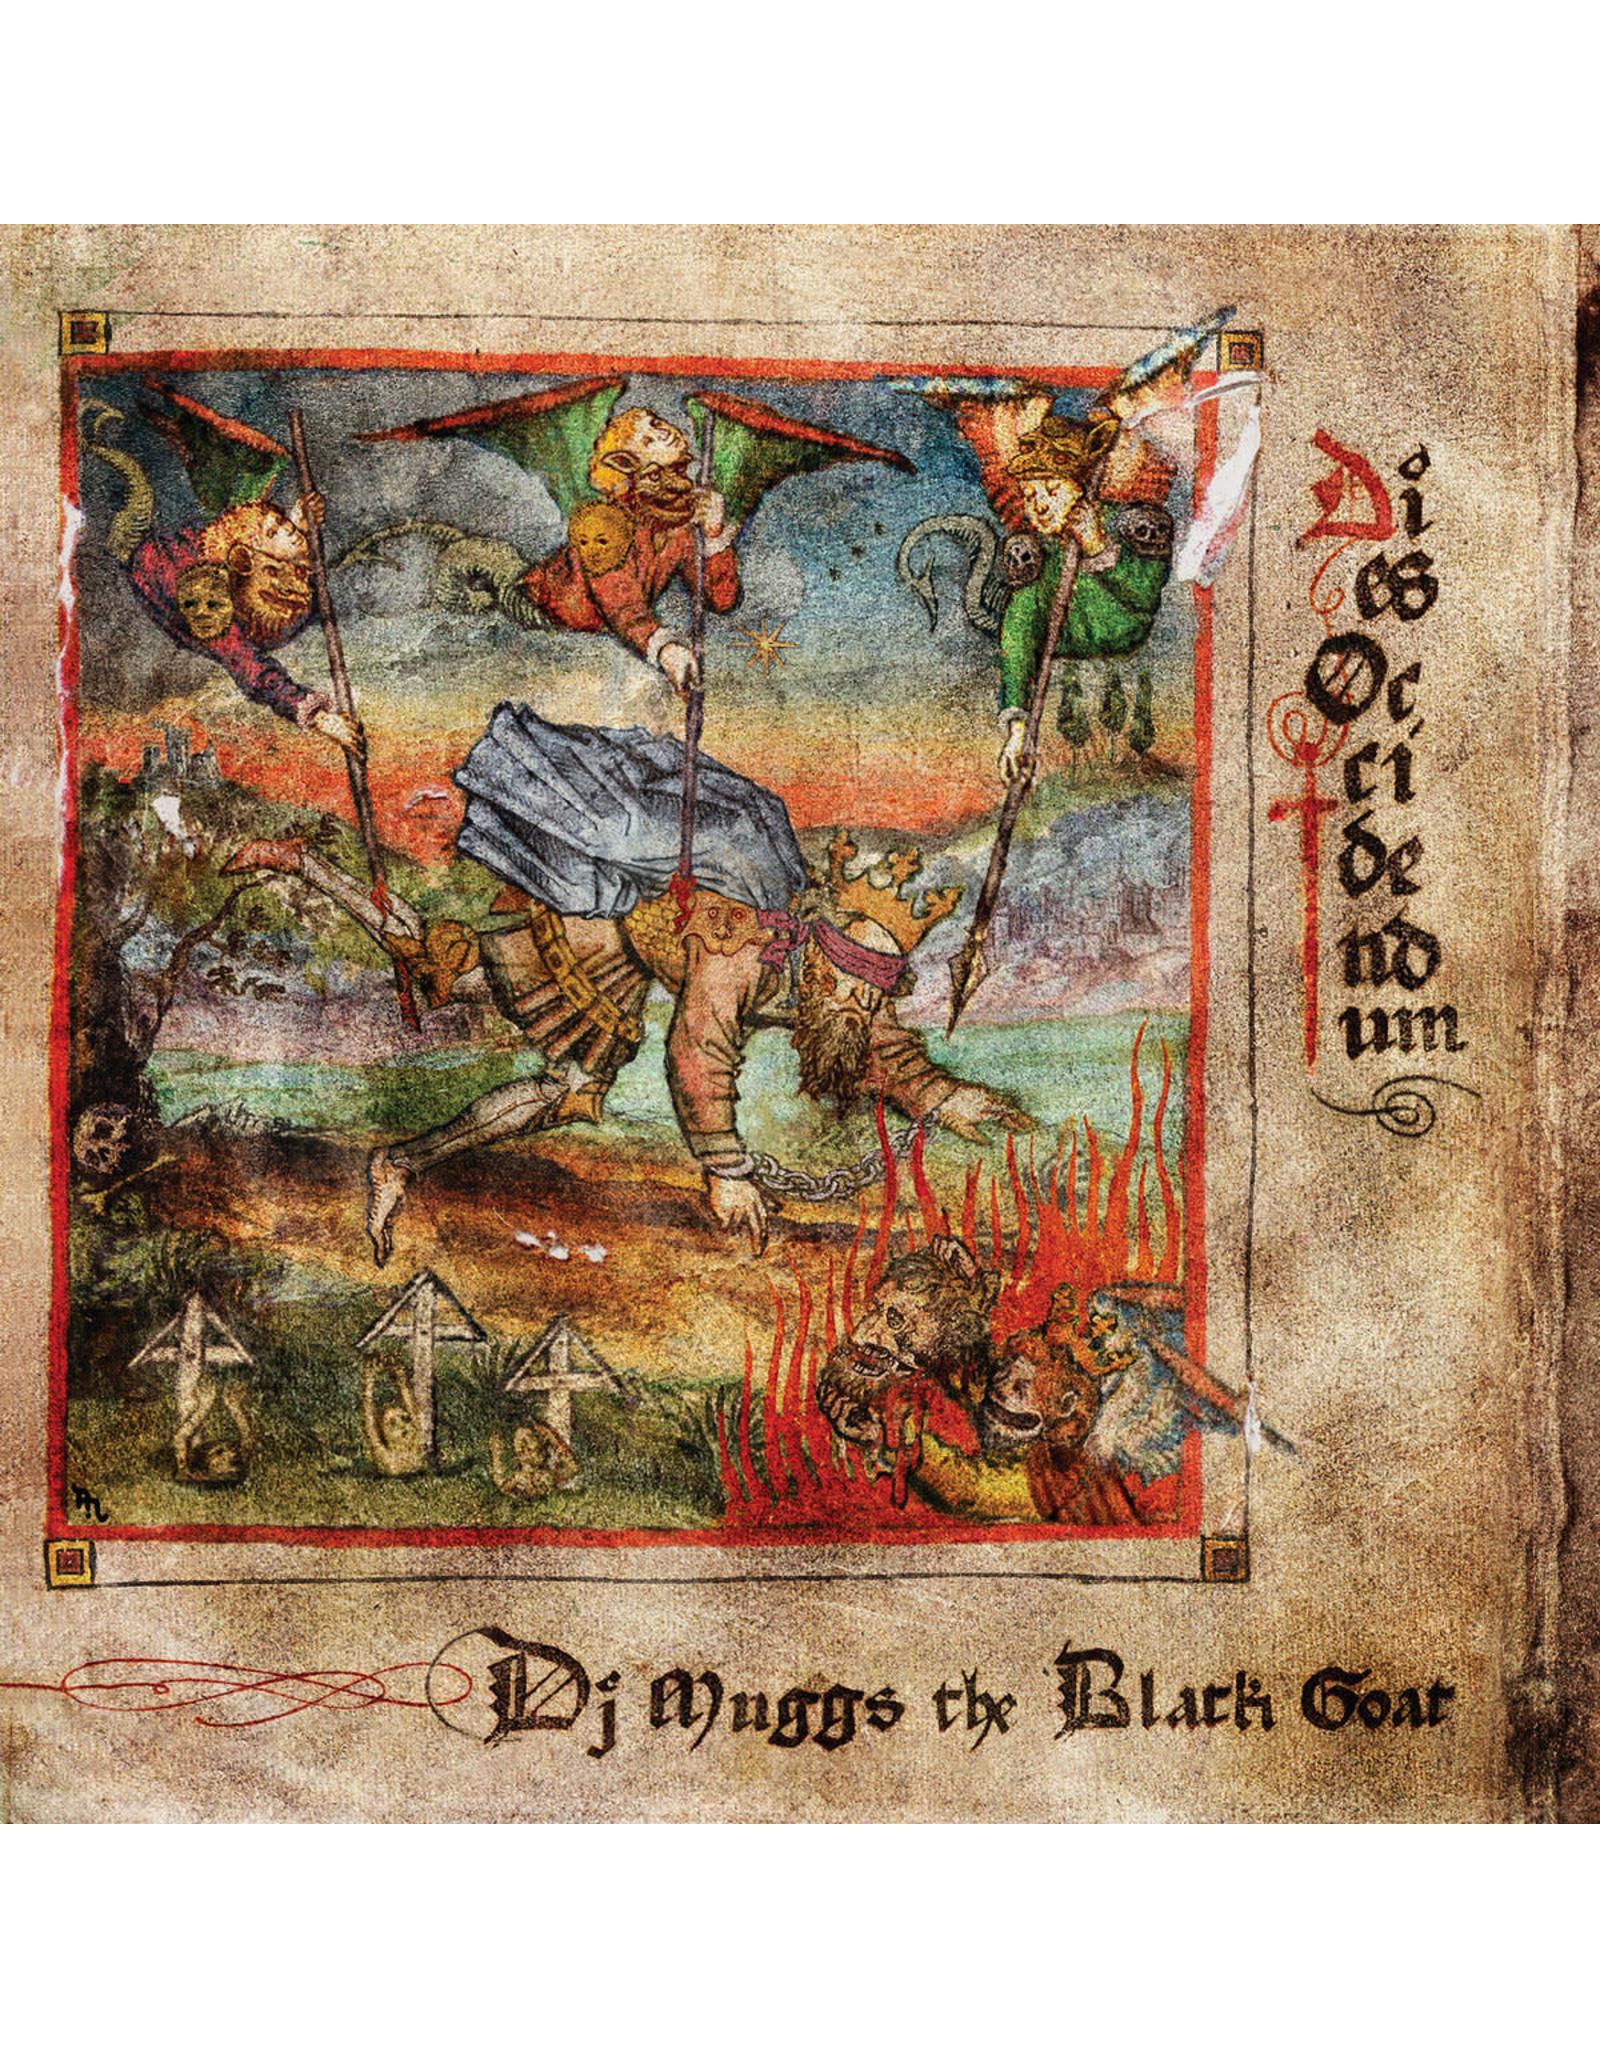 DJ Muggs the Black Goat - Dies Occidendum LP